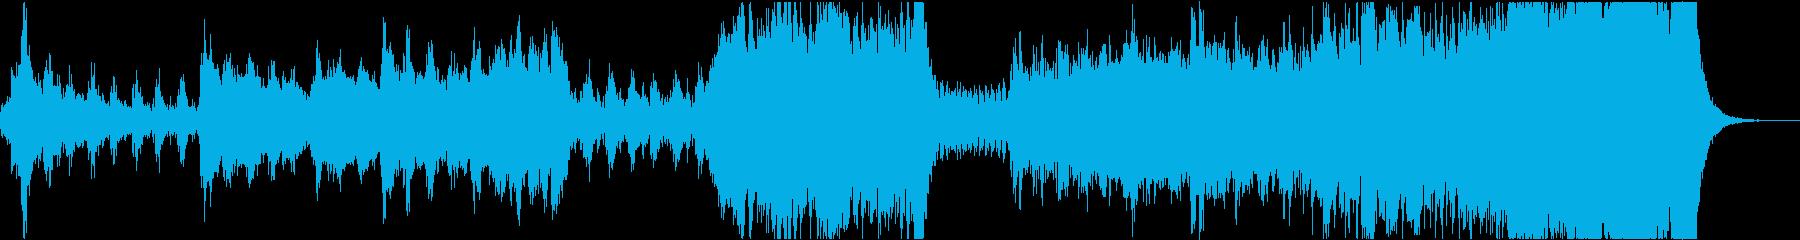 ハリウッド風オーケストラバトル曲/ブラスの再生済みの波形